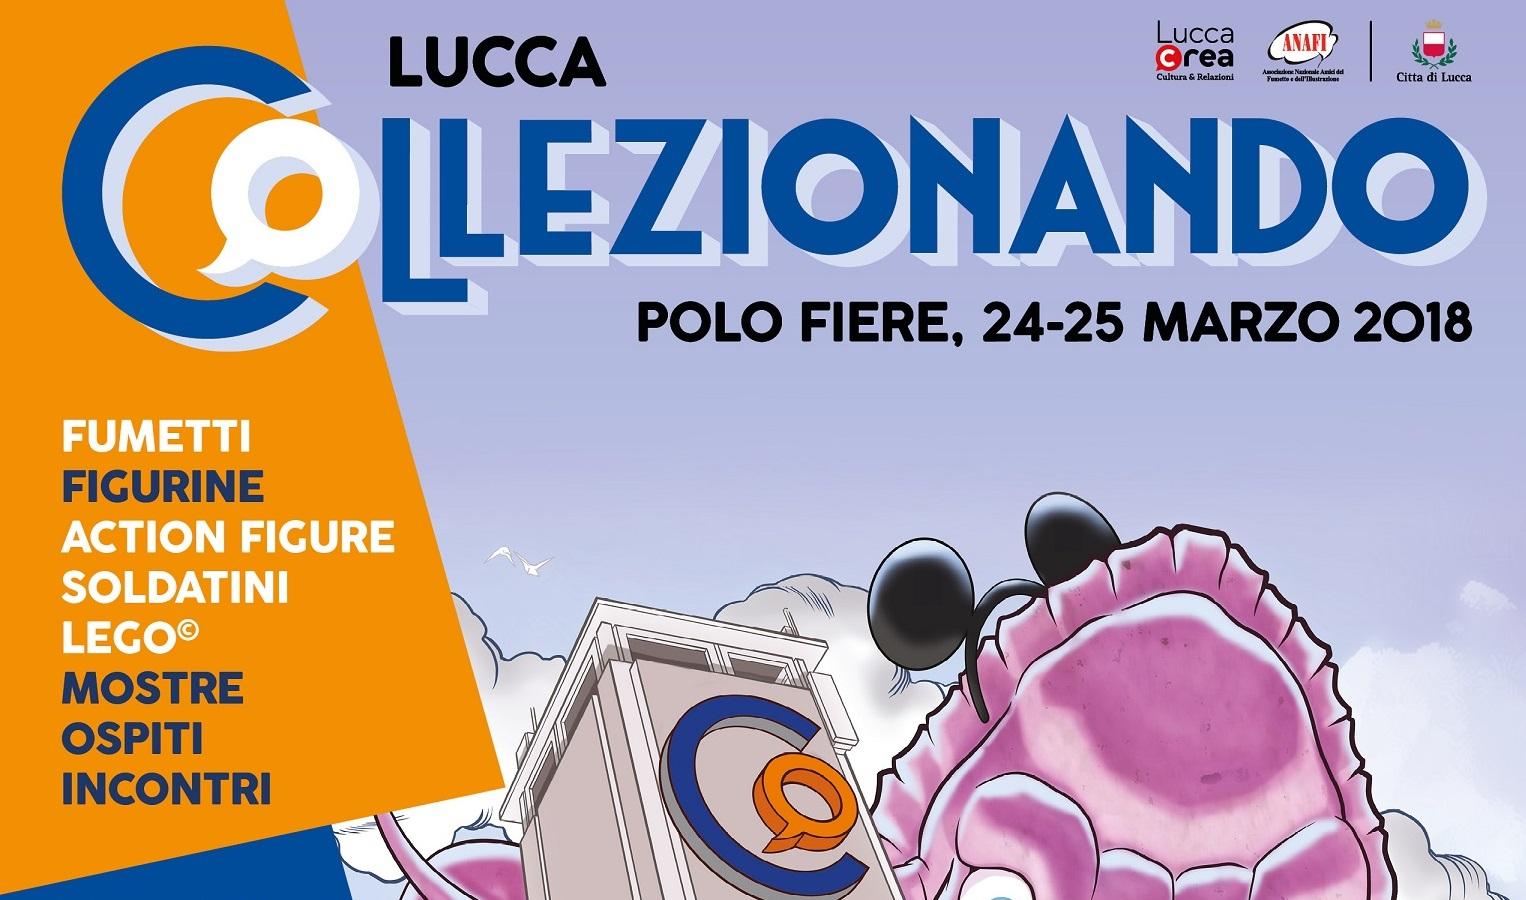 Collezionando 2018: tutti pazzi per la fiera di Lucca thumbnail